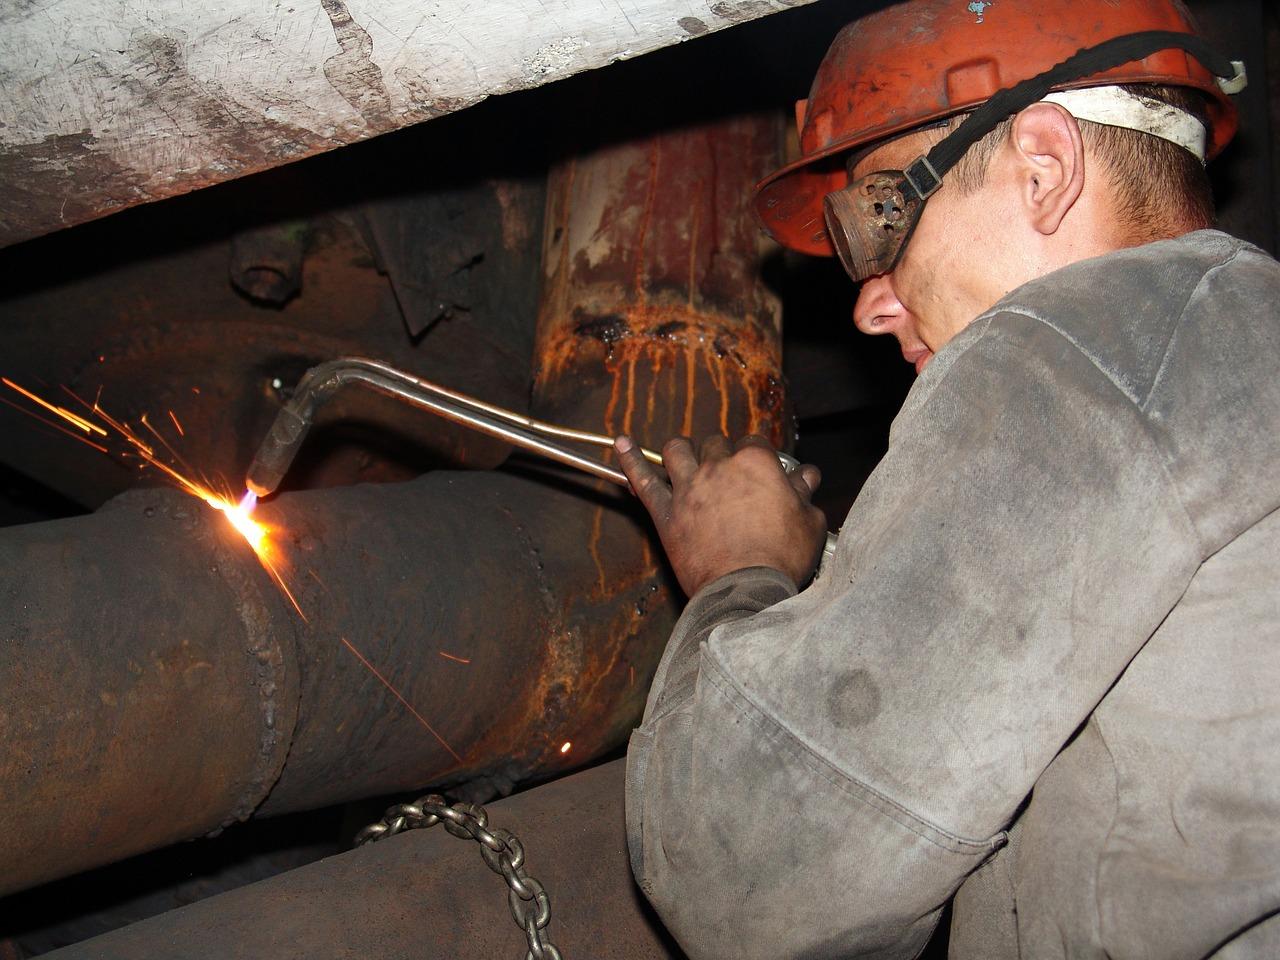 профессии относящиеся к вредным условиям труда